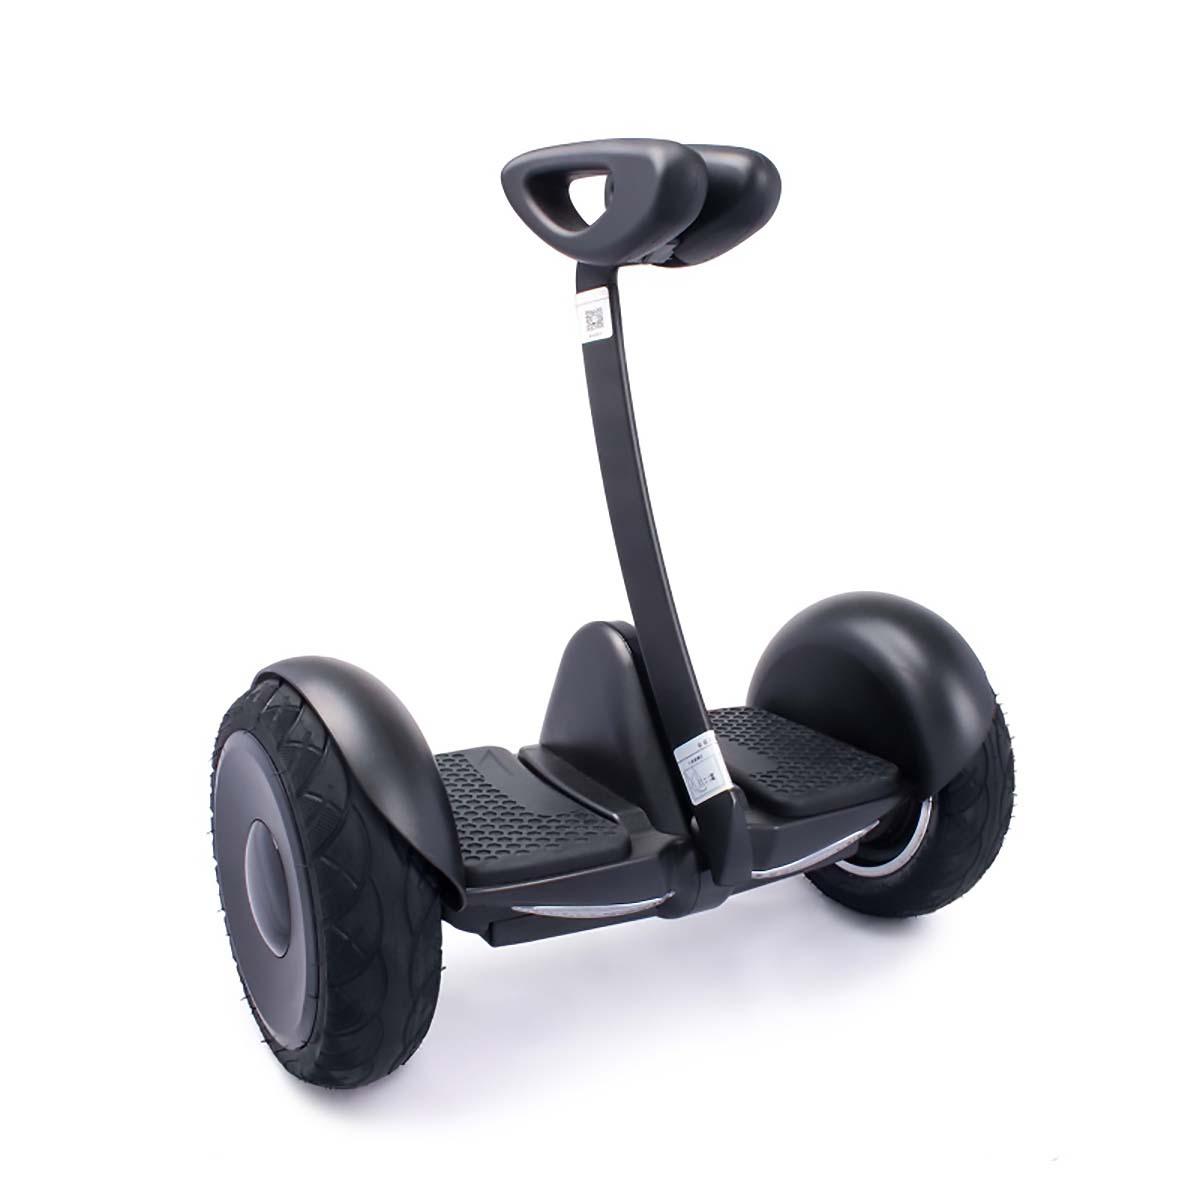 Гироскутер Hoverbot ROBOT MINI, цвет: черныйMSMINIRBKМини Сигвей Hoverbot mini ROBOT с виду напоминает маленький внедорожник, управление которым осуществляется коленями. Данная модель Hoverbot'а развивает максимальную скорость 16 км/ч и преодолевает расстояние на одном заряде до 22 км. Имеет световую подсветку и габариты на передней части корпуса. Отличный аккумулятор выдерживает длительные прогулки. При максимальном разряде батареи устройство оповестит вас звуковым сигналом. Сегвей Hoverbot mini ROBOT подходит для езды в парках, по асфальту, небольшим неровностям. Есть возможность управления через мобильное приложение, Bluetooth соединение. Зарядное устройство входит в комплект. Технические характеристики: Возможная дистанция: 22 км Максимальная скорость: 16 км/ч Аккумулятор: Lithium 4.4 AH Размер колеса: 10 d Мощность мотора. 2x350W Максимальная нагрузка: 100 кг Время заряда/сеть: 120 мин/220В Вес нетто: 12,8 кг Вес брутто: 14,1 кг Влагозащита: IP55 Условия эксплуатации: -10°C + 50°C. Bluetooth. Приложение MINI ROBOT